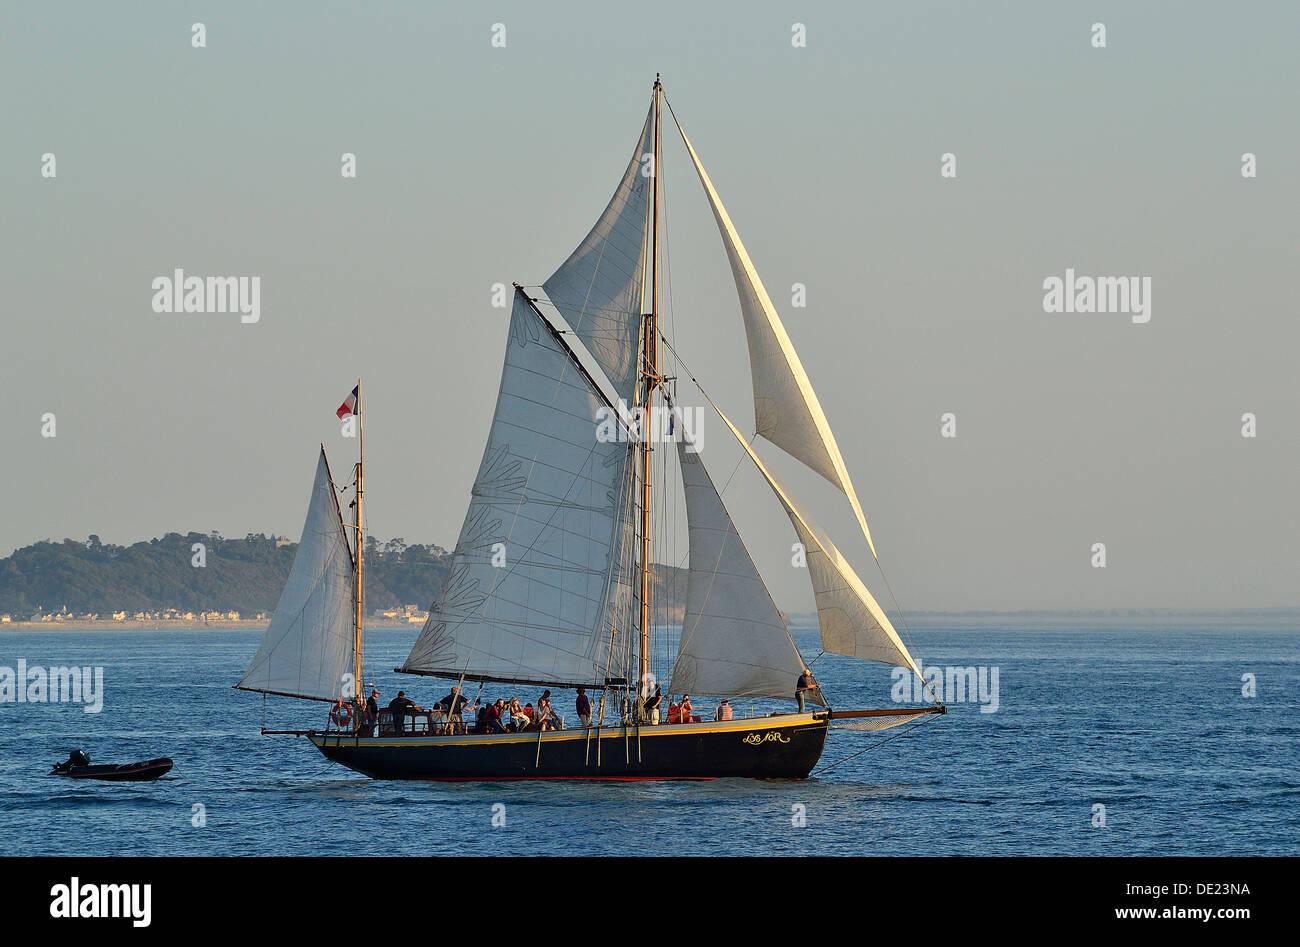 Lys noir (French classic yacht  Rig : yawl auric, 1914